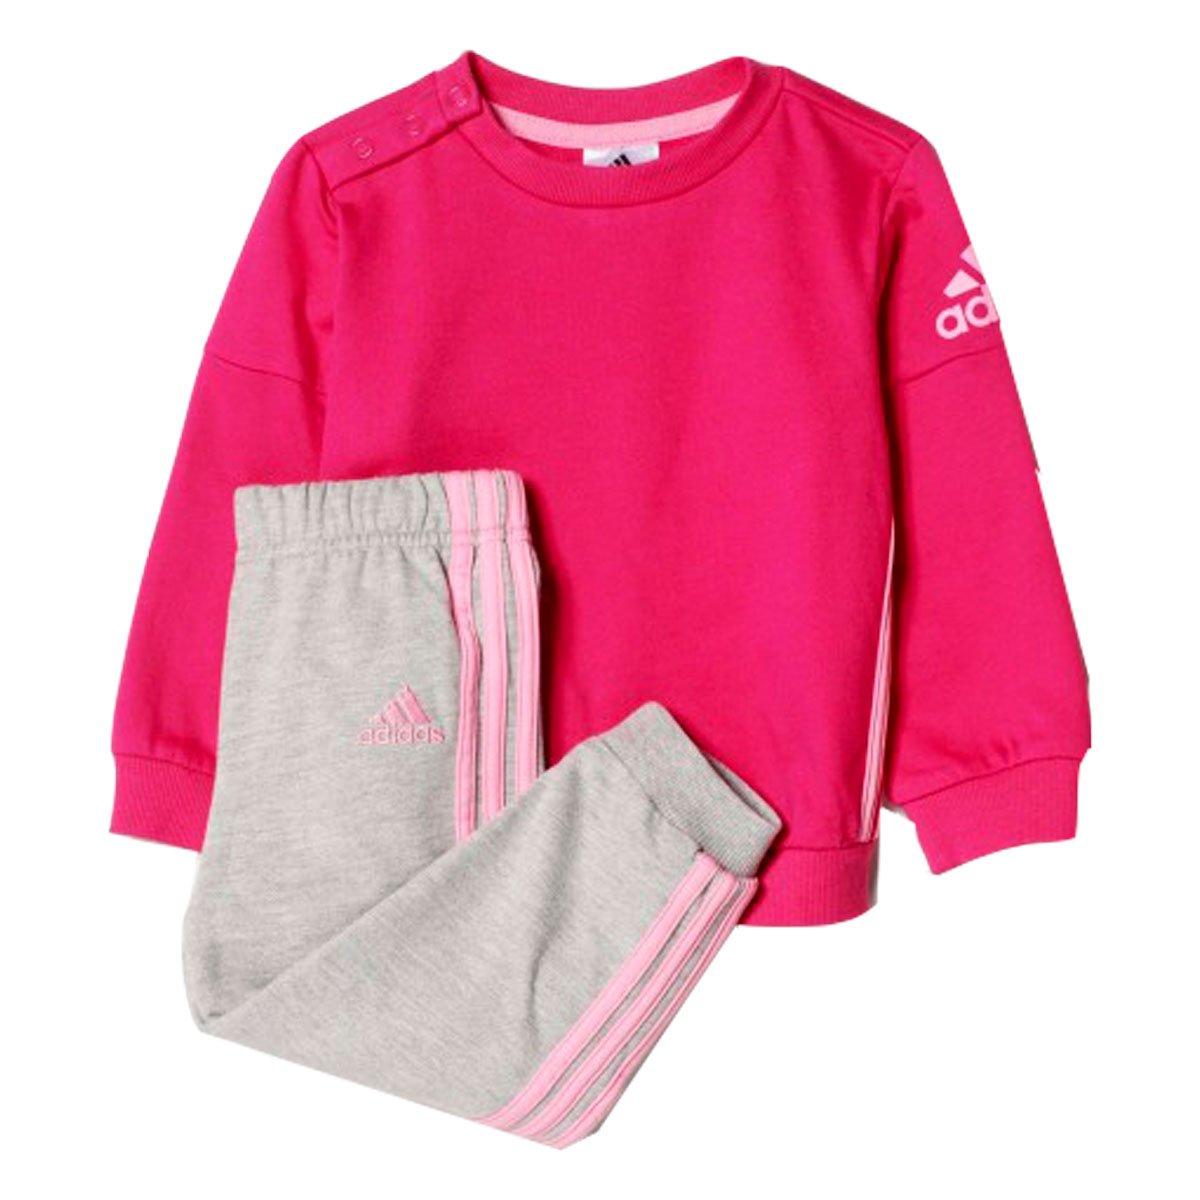 8a58ef7488a Bizz Store - Agasalho Infantil Feminino Adidas I SP Crew Jog